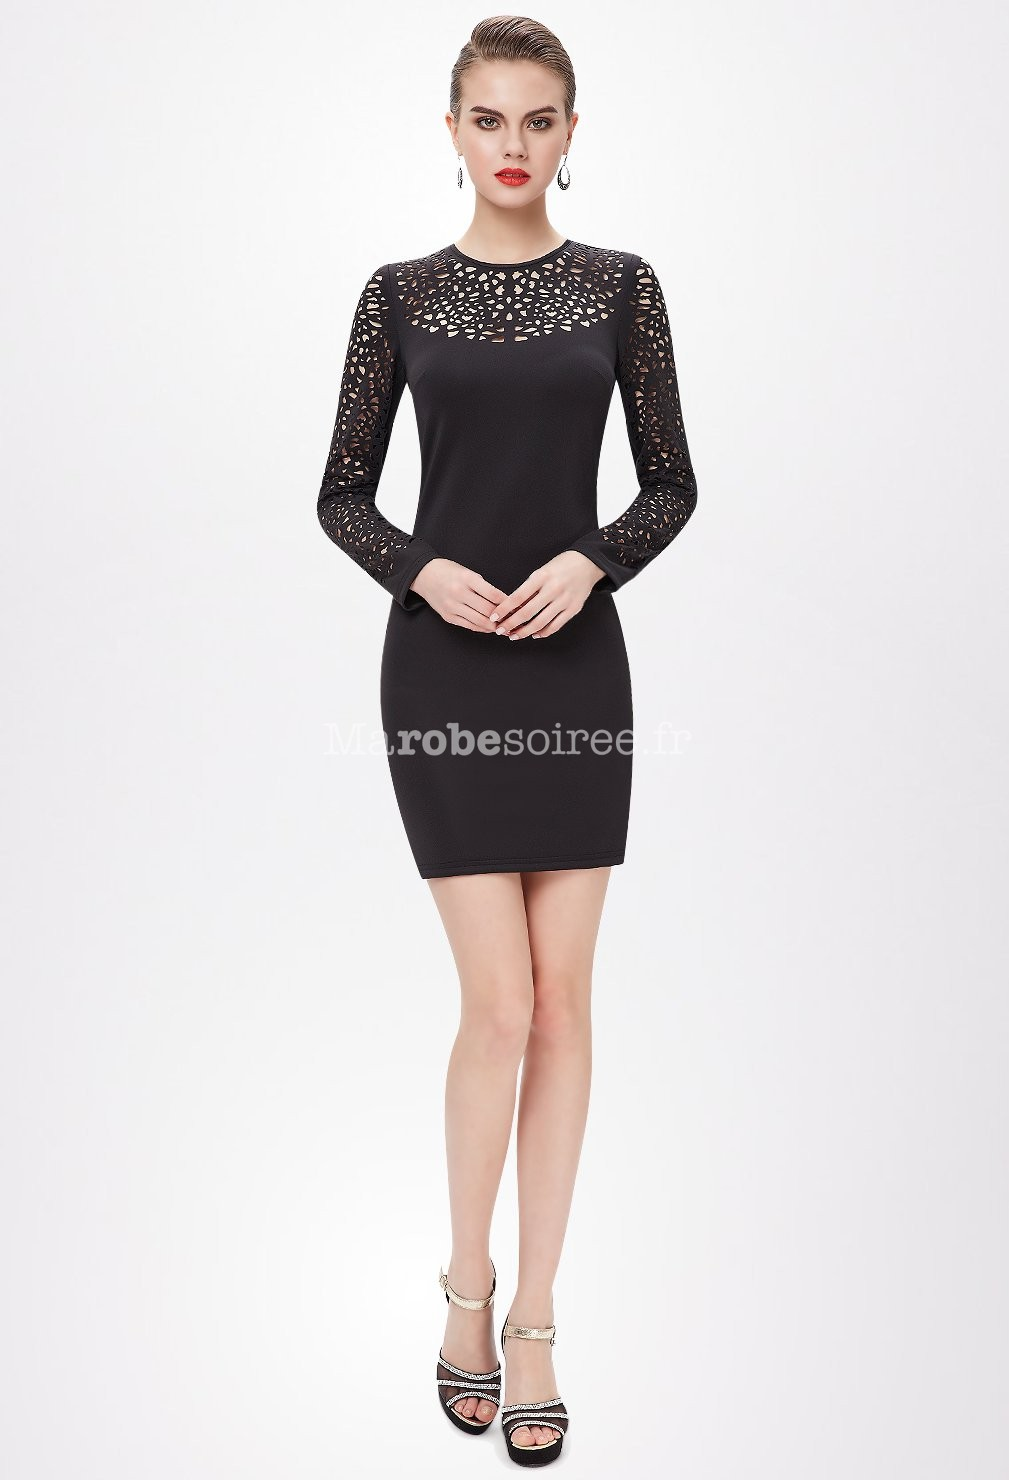 pour choisir une robe petite robe noire decolletee. Black Bedroom Furniture Sets. Home Design Ideas